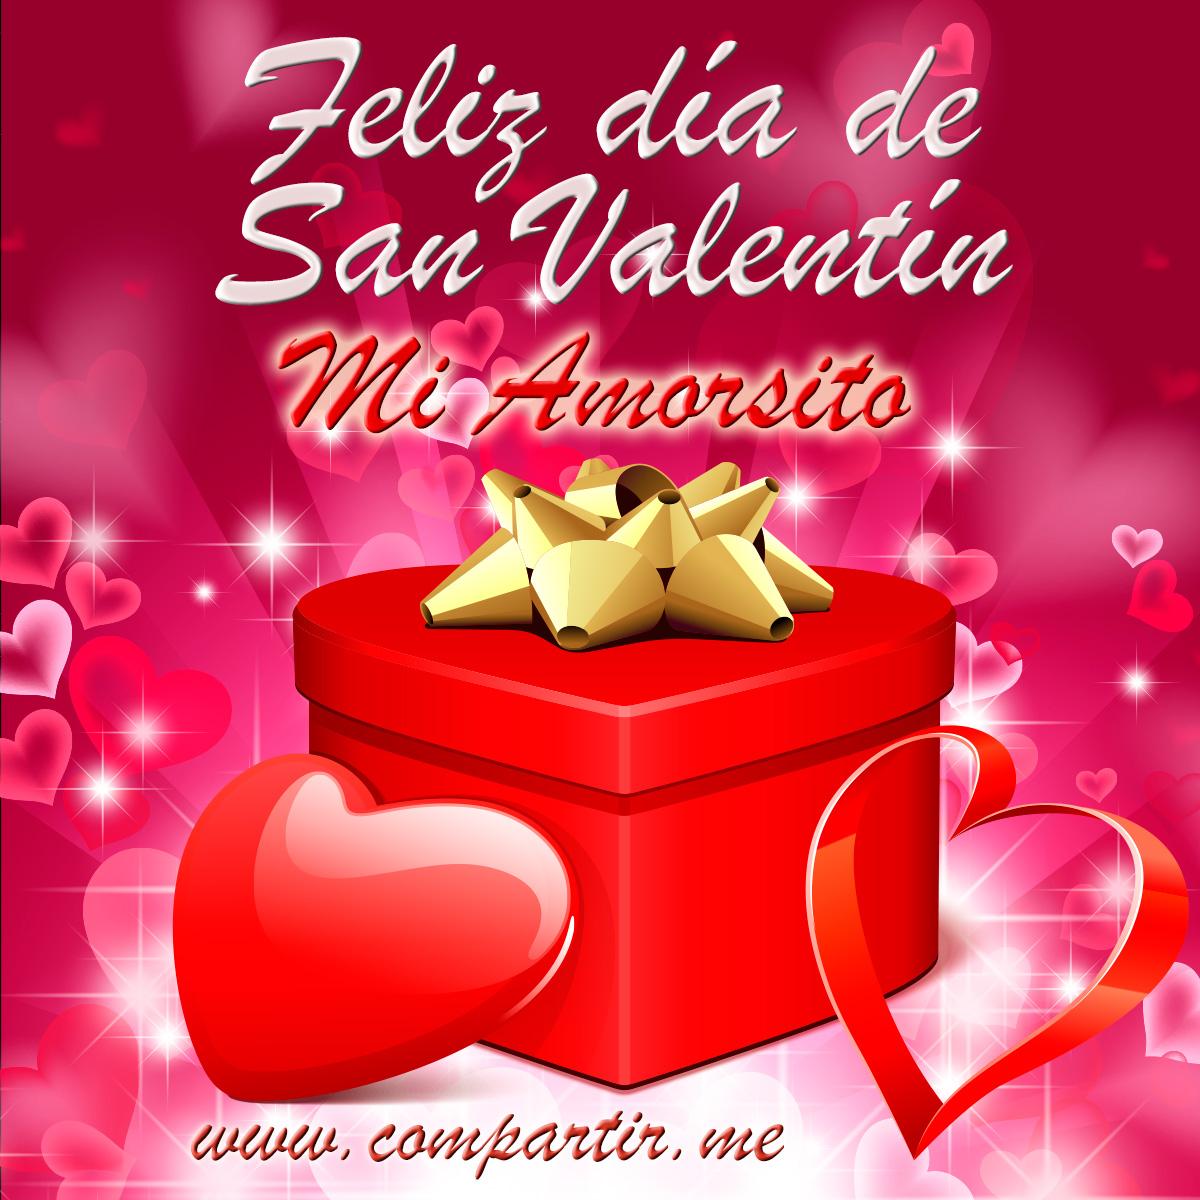 especial de san valentin 9 Imágenes para san valentin 2014